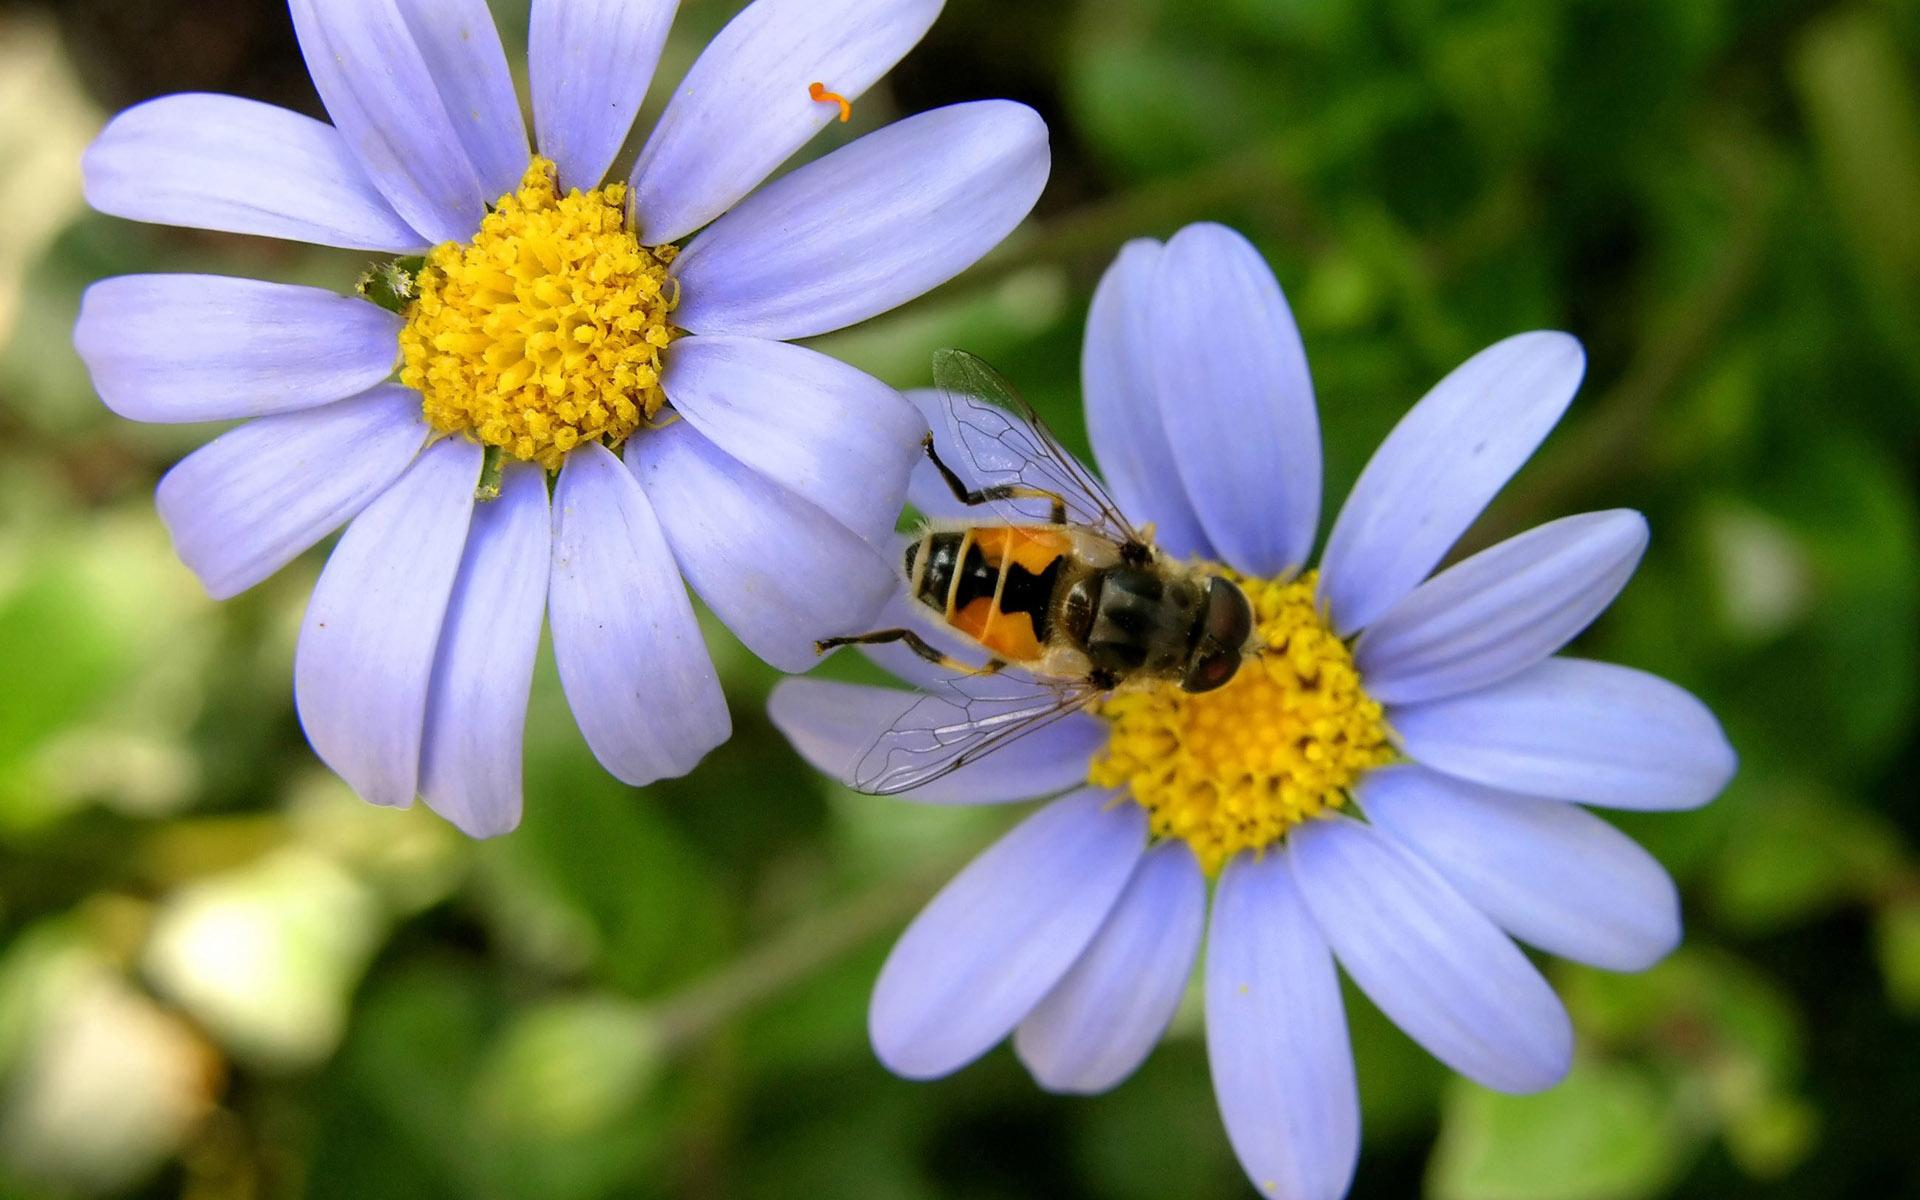 природа цветы насекомое пчела  № 3105917 бесплатно